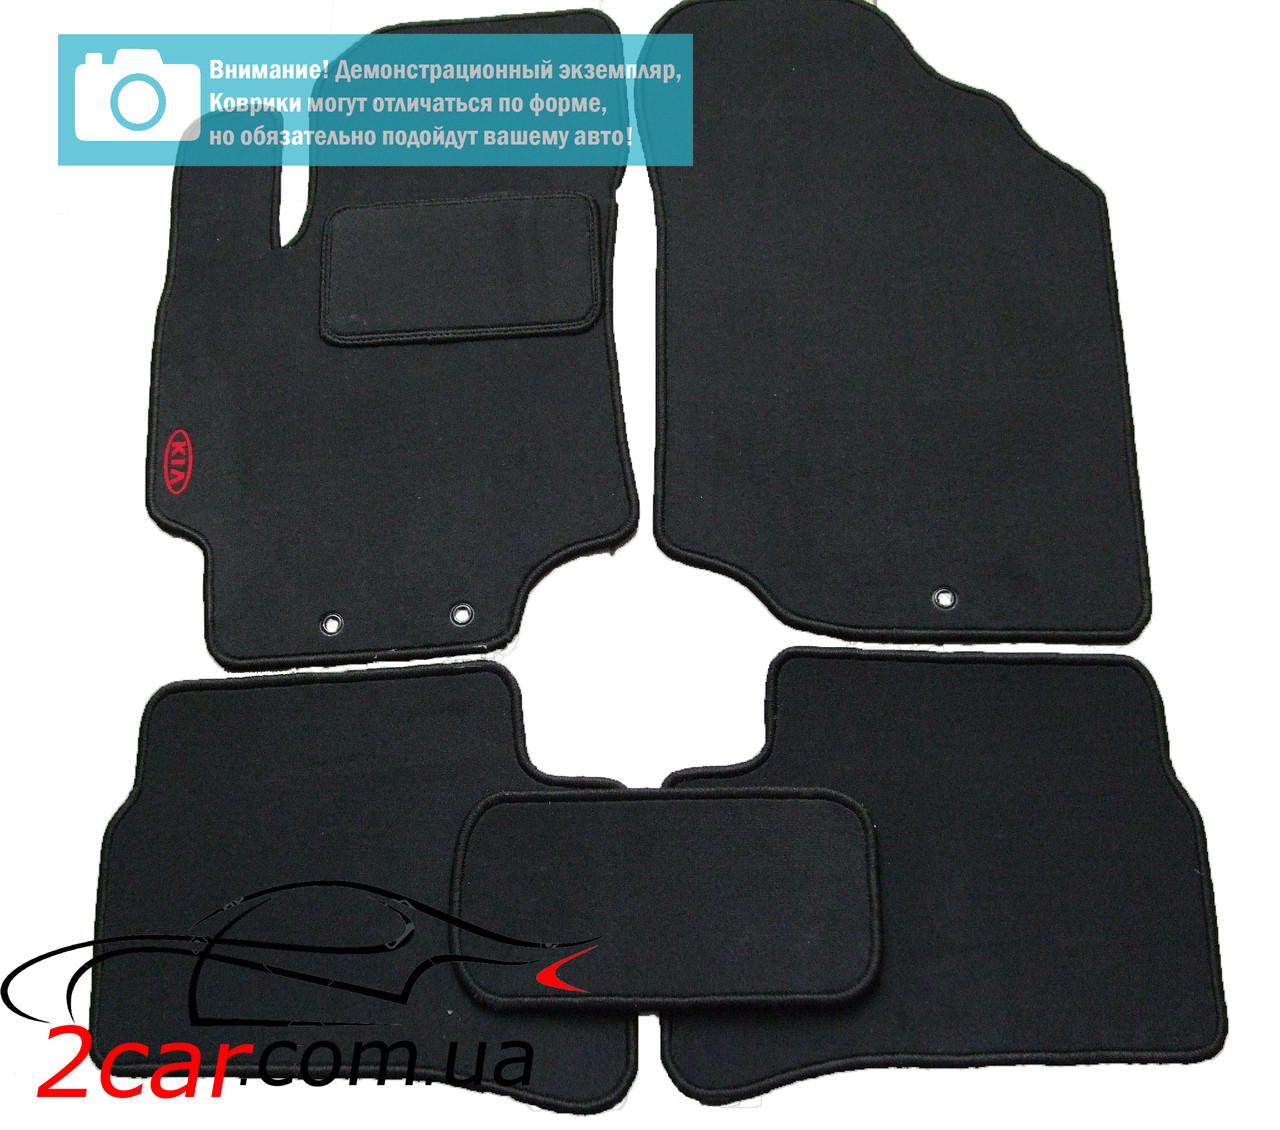 Текстильные коврики в салон для Volkswagen Bora (1997-2003) (чёрный) (StingrayUA)